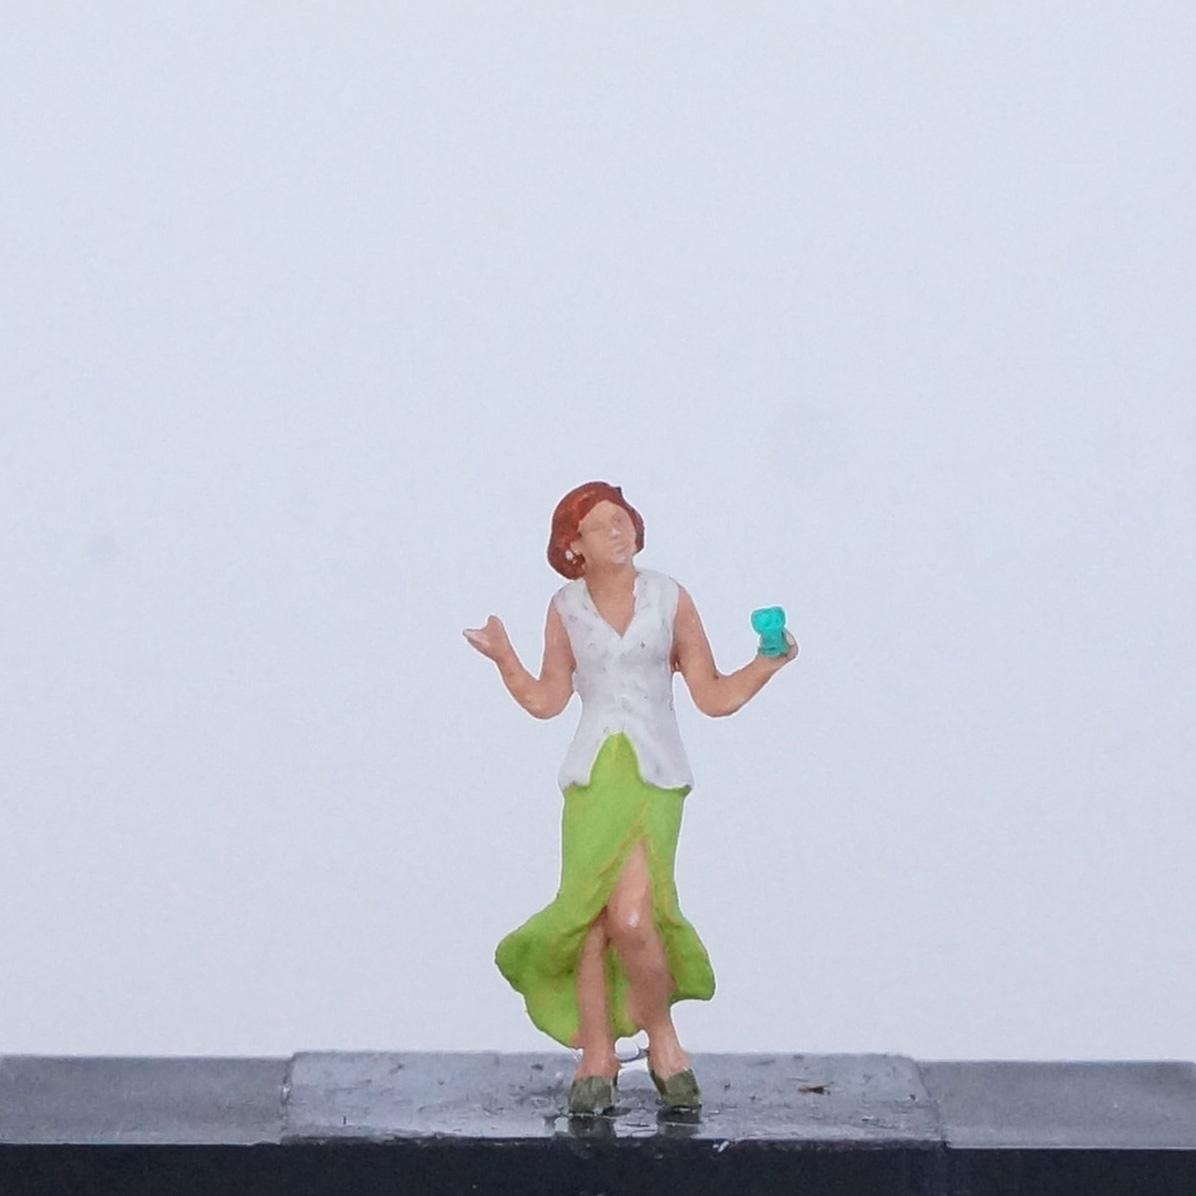 Frau in grünem Rock